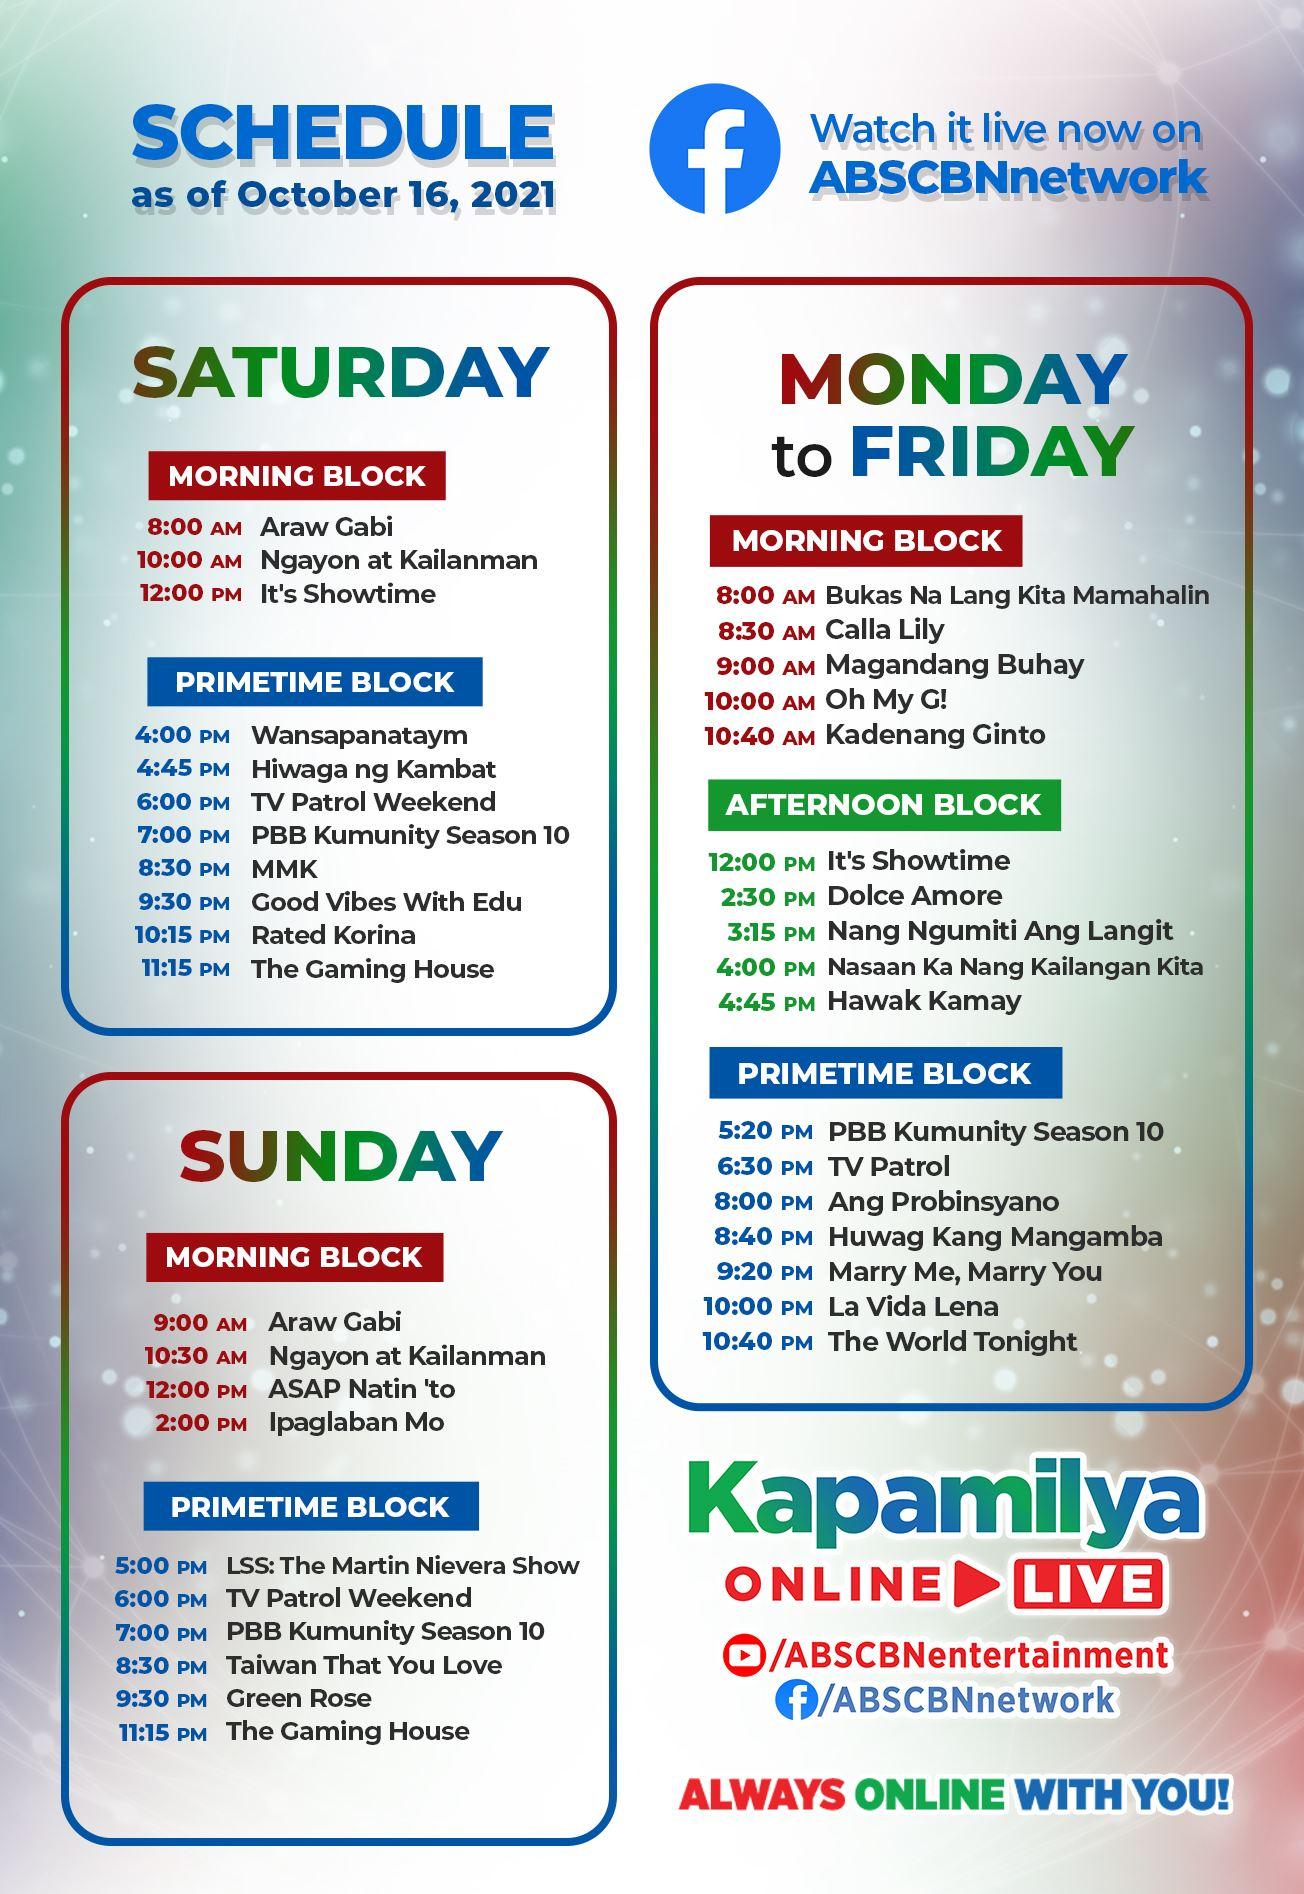 Kapamilya Online Live 2